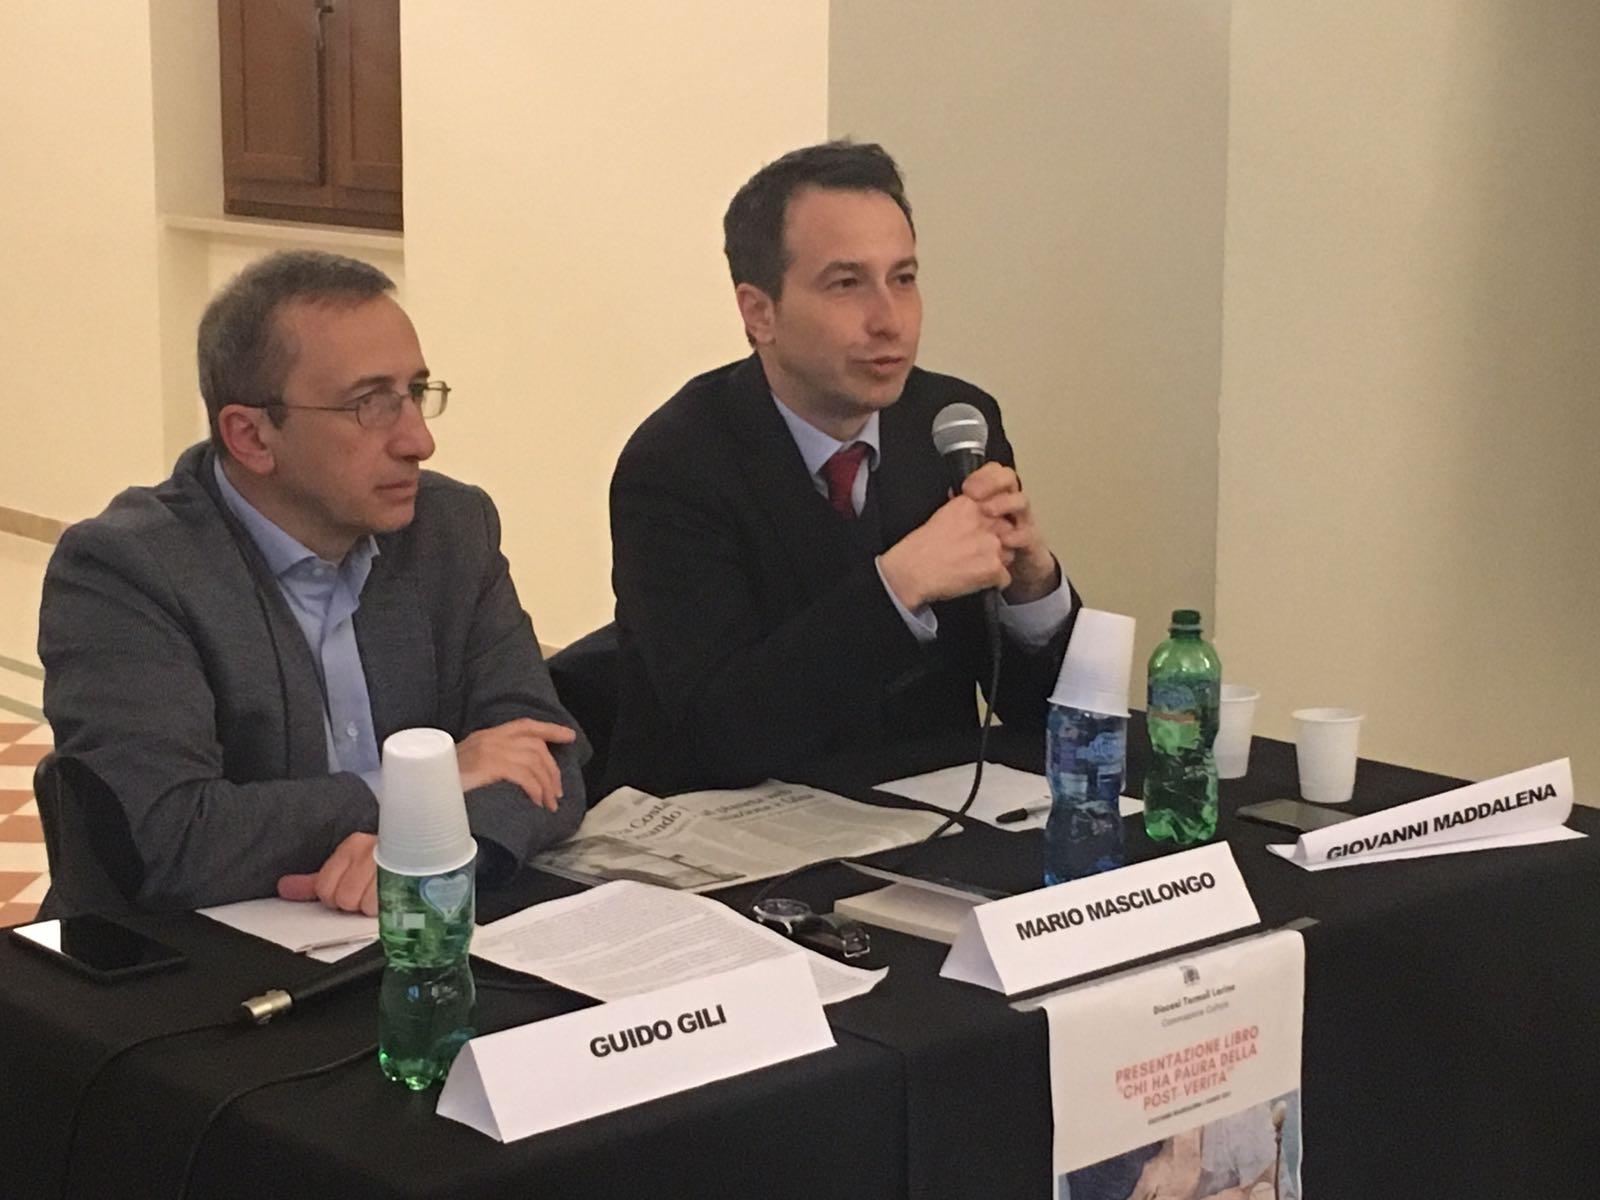 Fake news e post-verità, presentato il libro dei docenti Unimol Guido Gili e Giovanni Maddalena